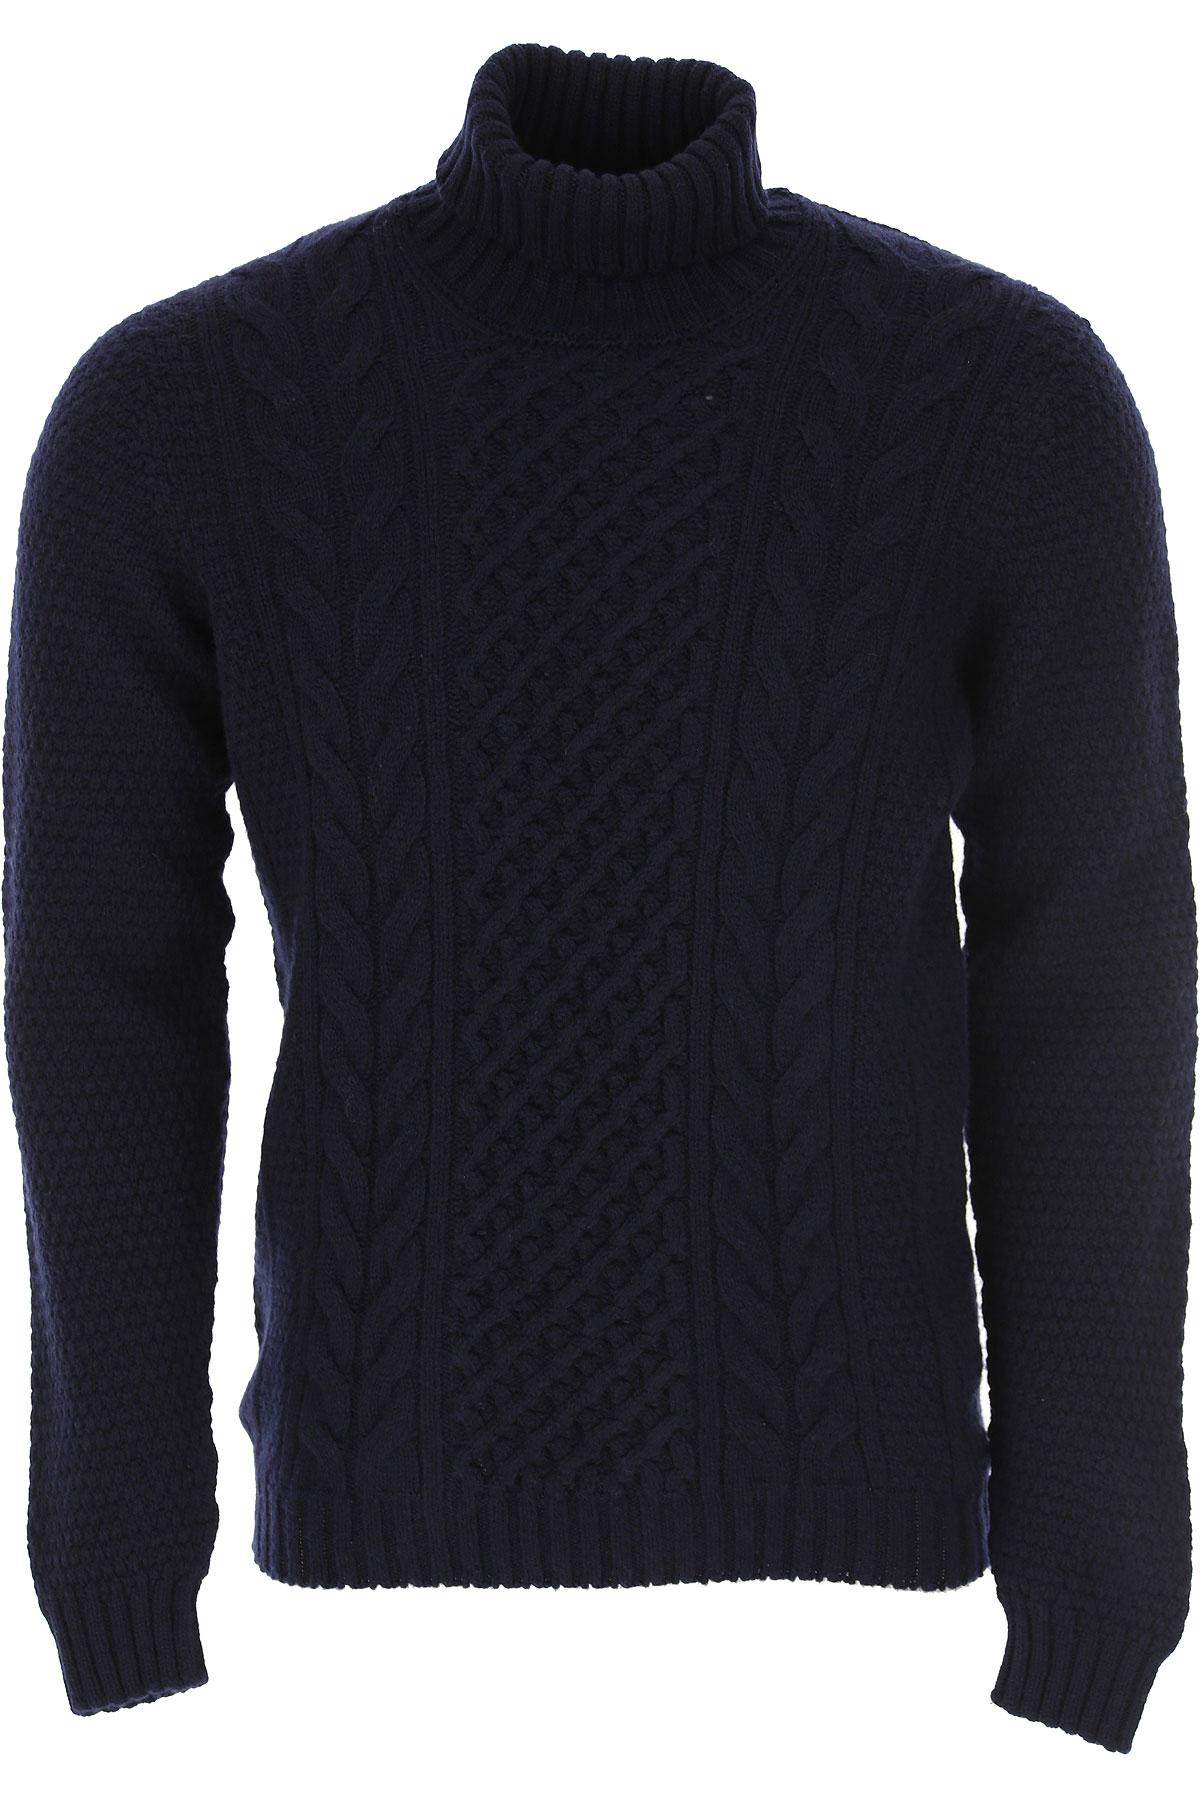 Drumohr Sweater for Men Jumper On Sale, Midnight Blue, Wool, 2019, XL XXL